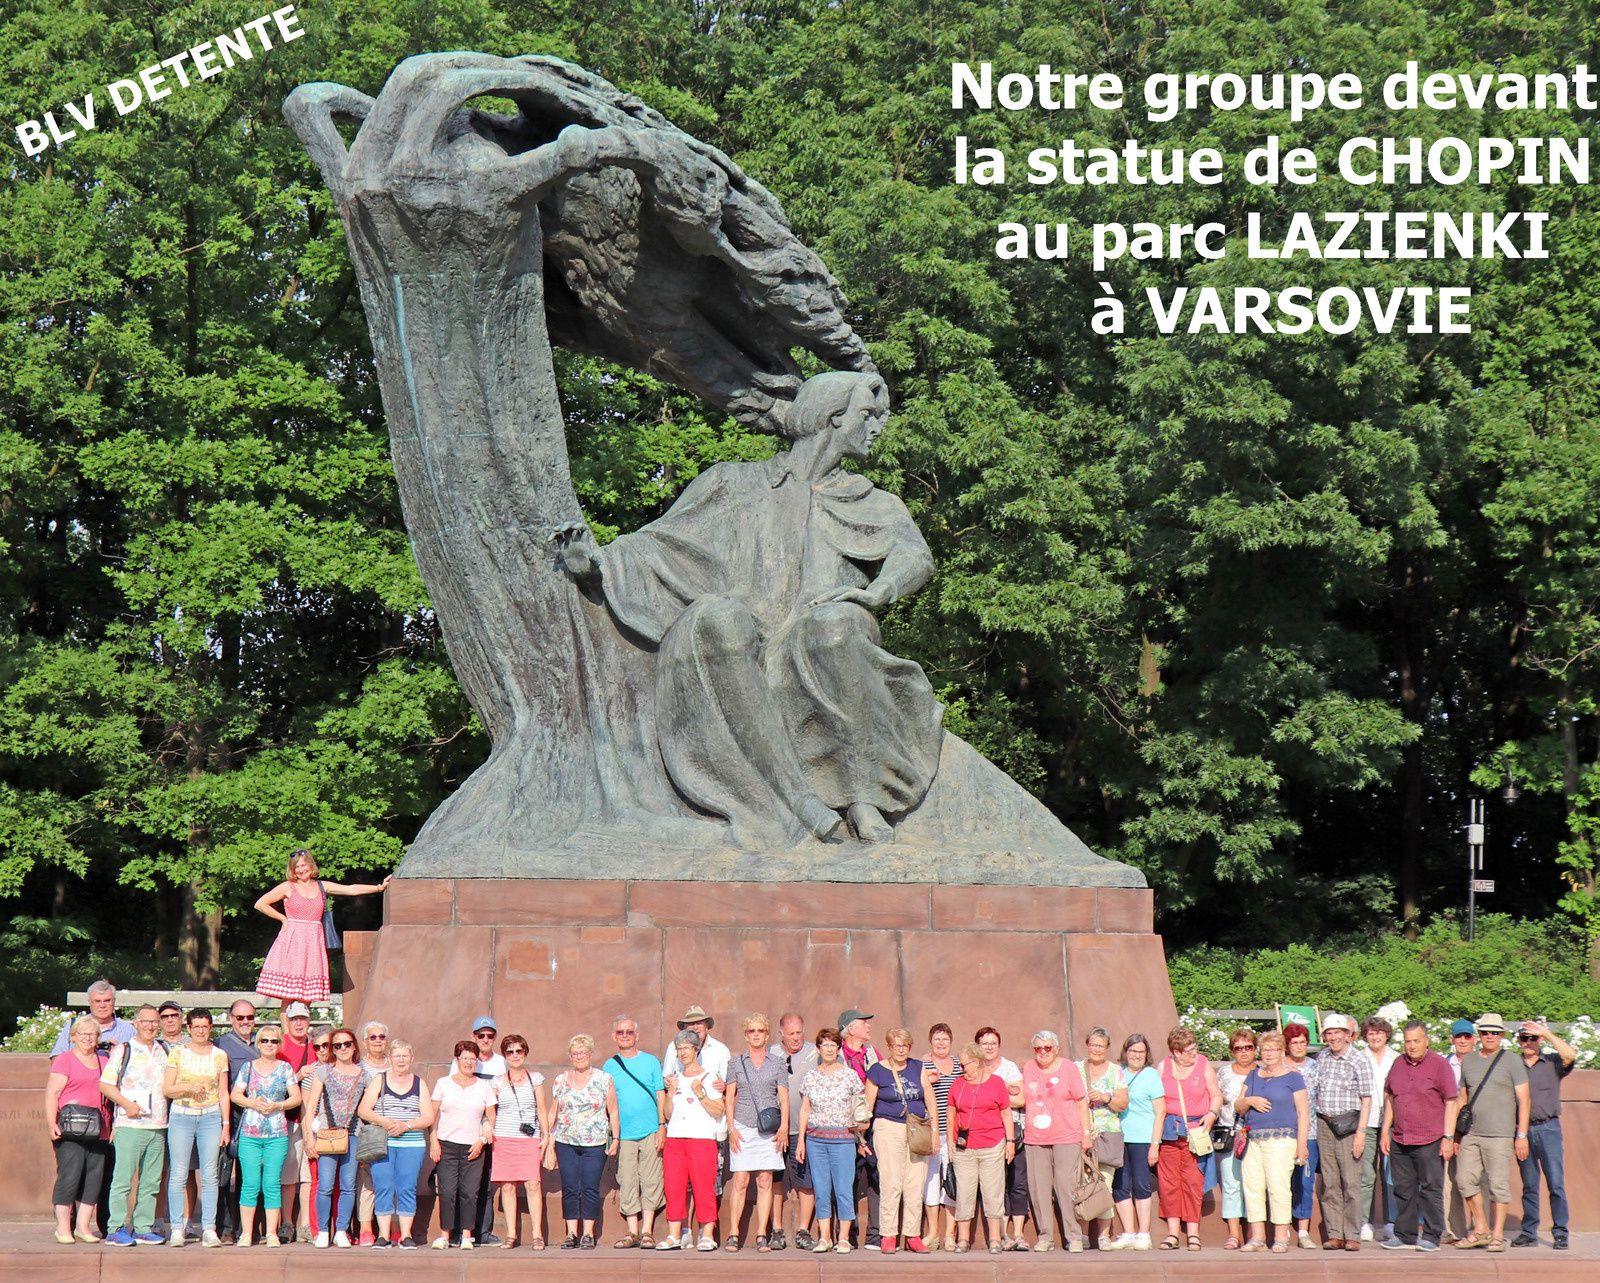 19 Juin : photo de groupe devant la statue de CHOPIN au parc LAZIENKI